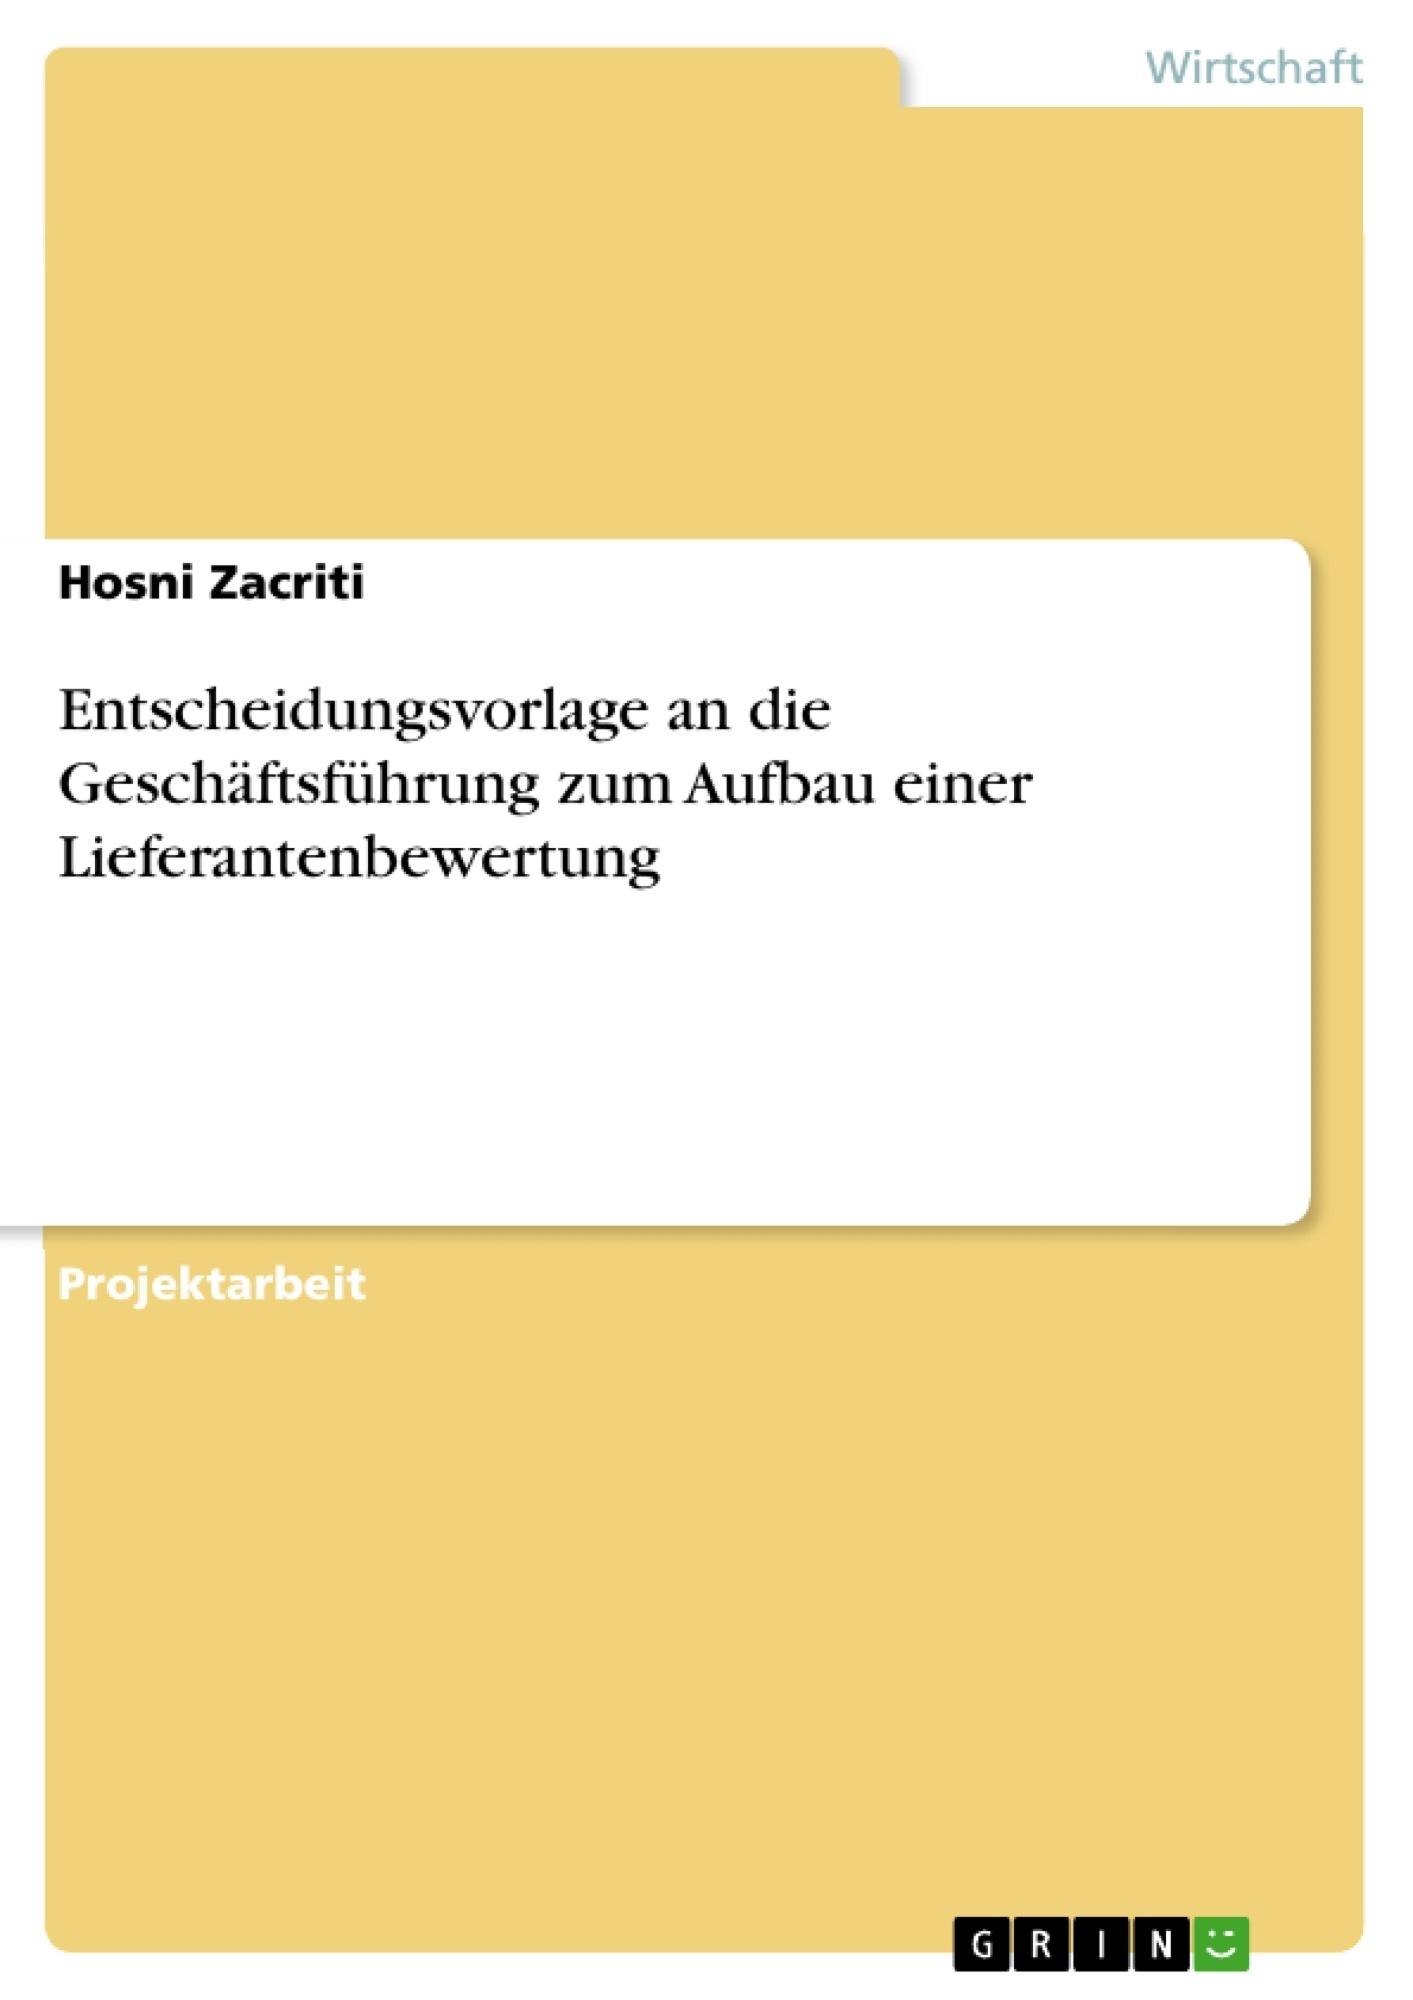 Titel: Entscheidungsvorlage an die Geschäftsführung zum Aufbau einer Lieferantenbewertung